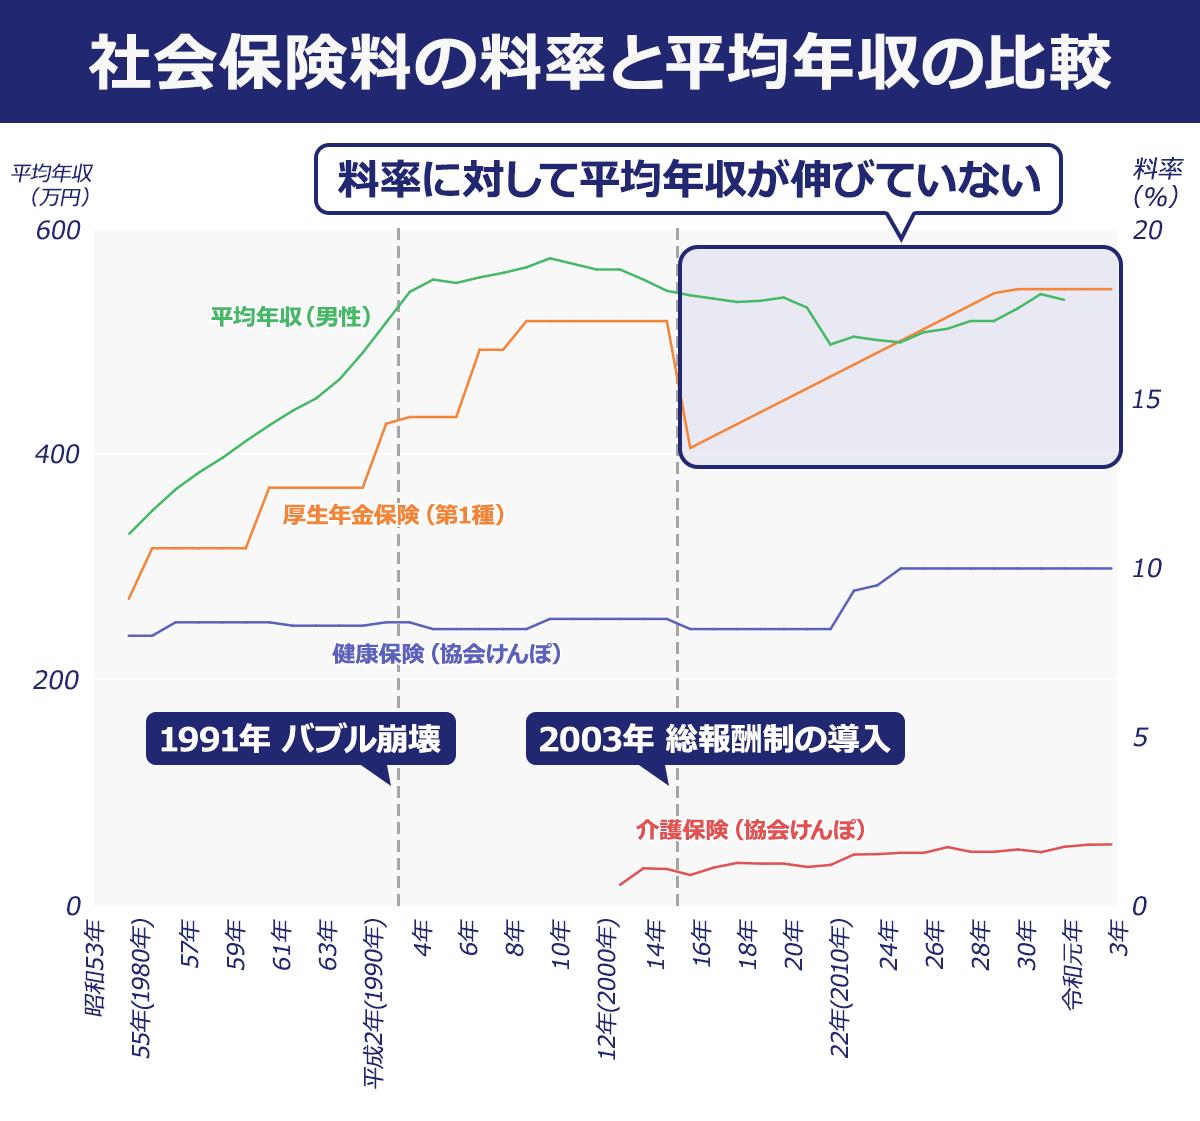 社会保険料の料率と平均年収の比較図